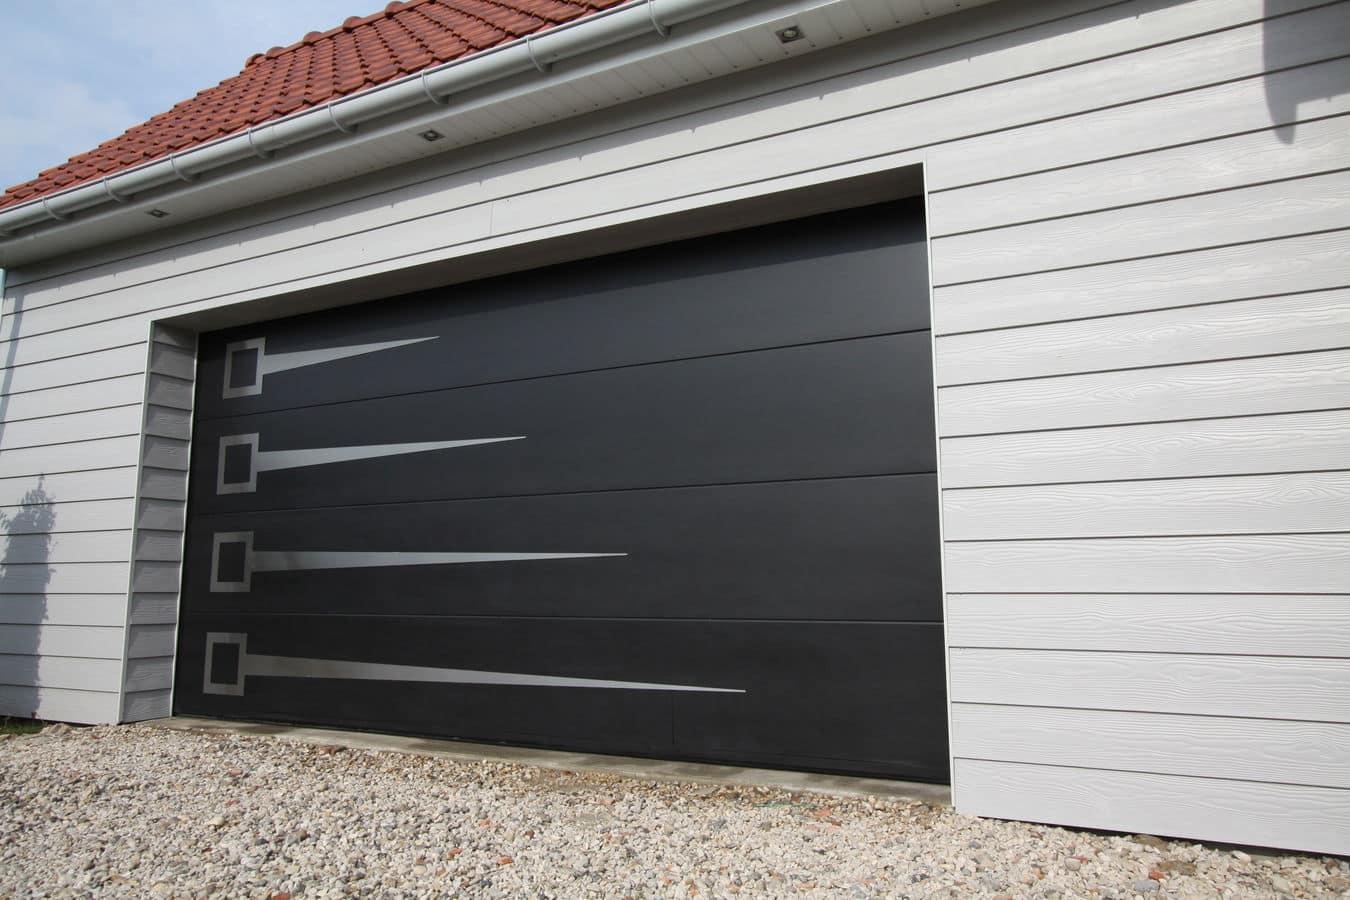 Porte De Garage Les Données Essentielles Pour Bien La Choisir - Porte de garage aluminium